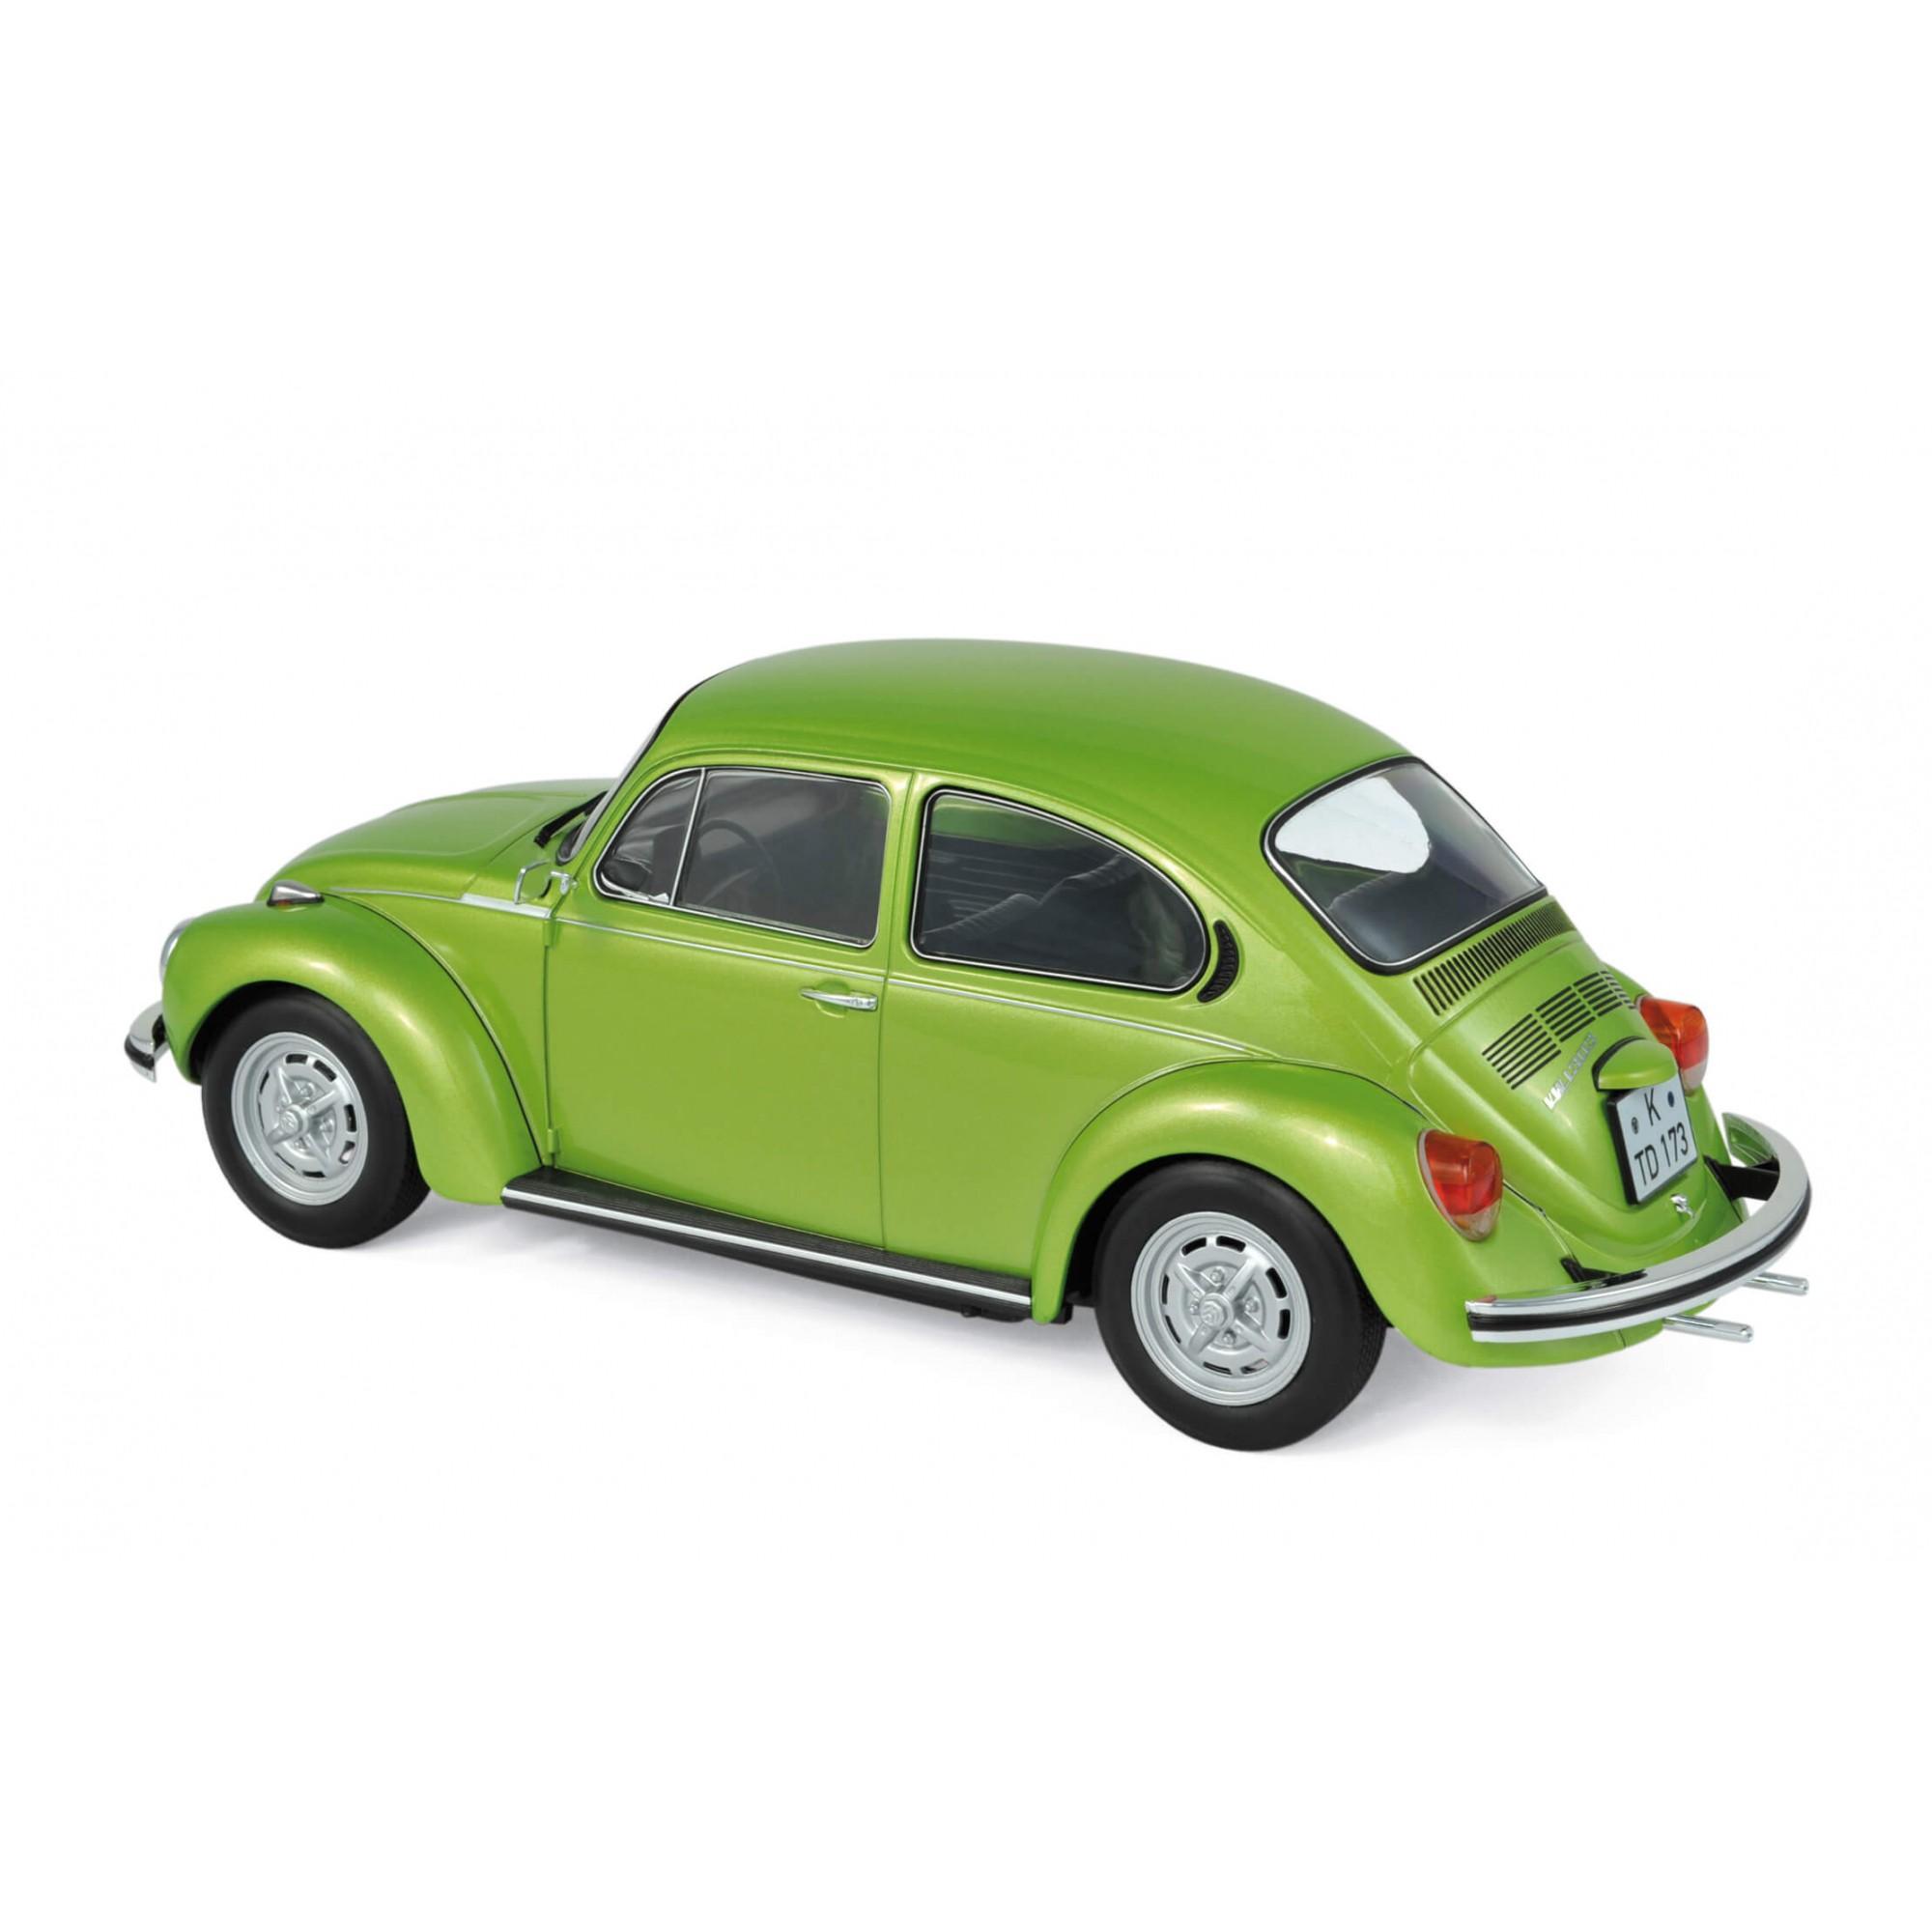 Miniatura Volkswagen Fusca 1303 1973 1/18 Norev